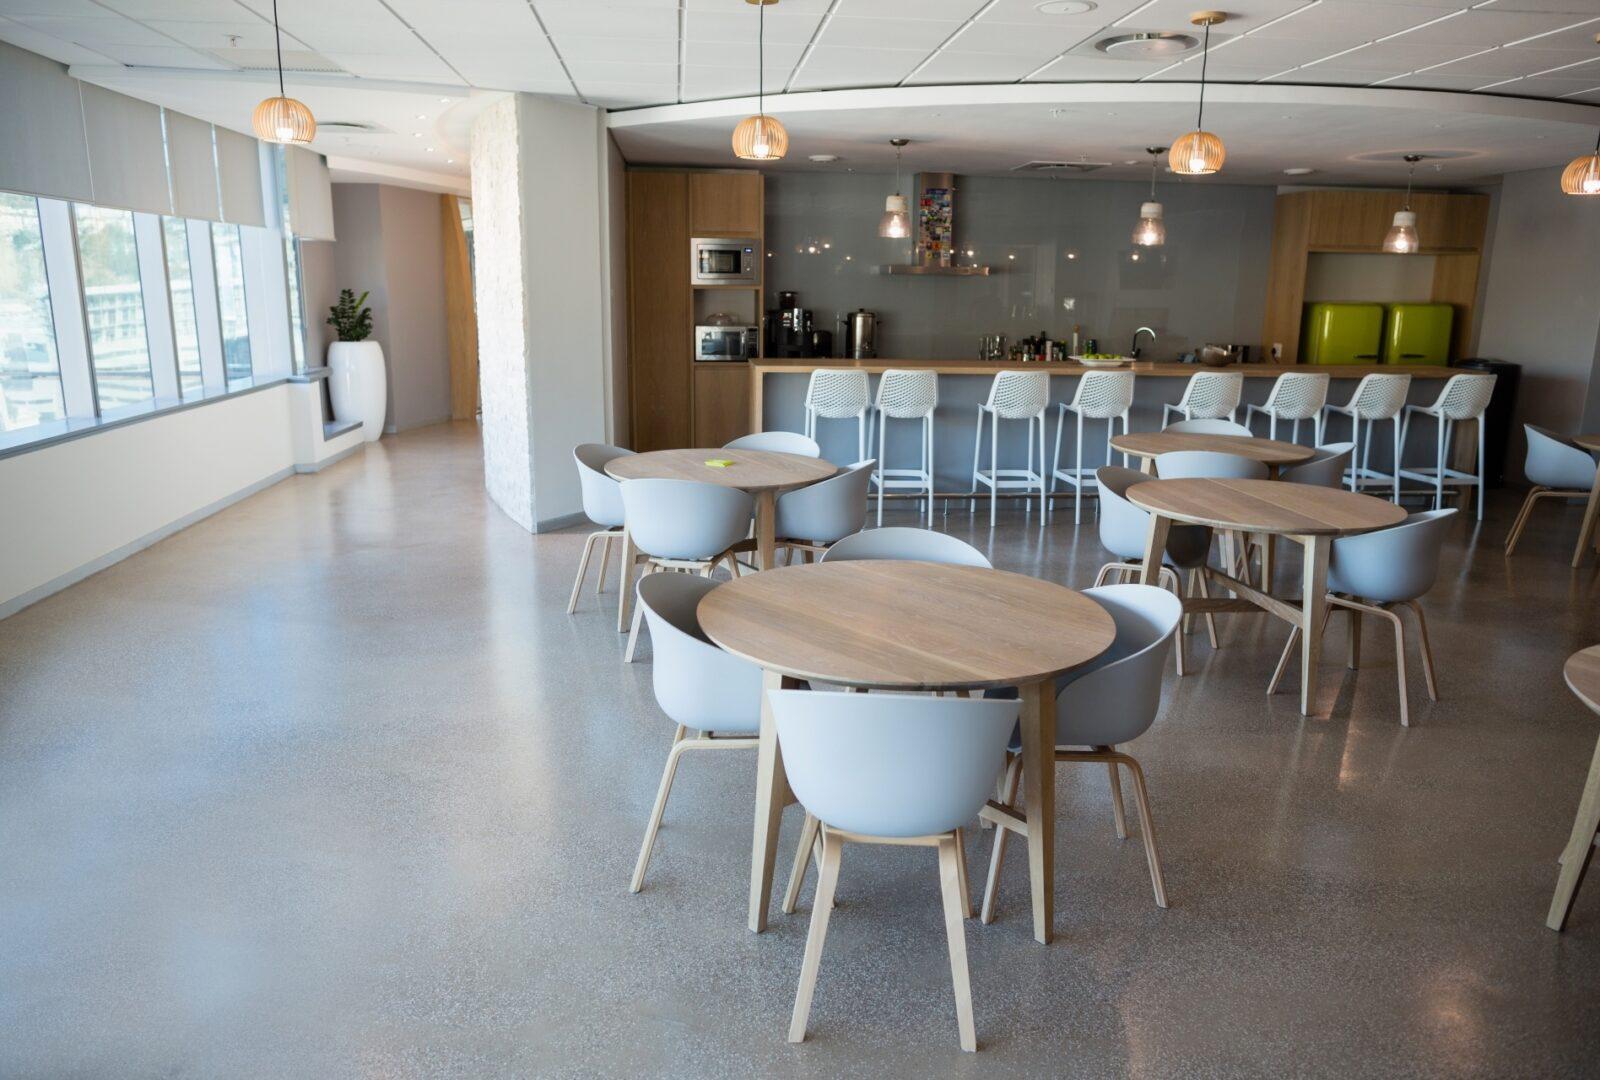 よりよいオフィス・事務所を目指そう!内装デザインのポイントと工事費用